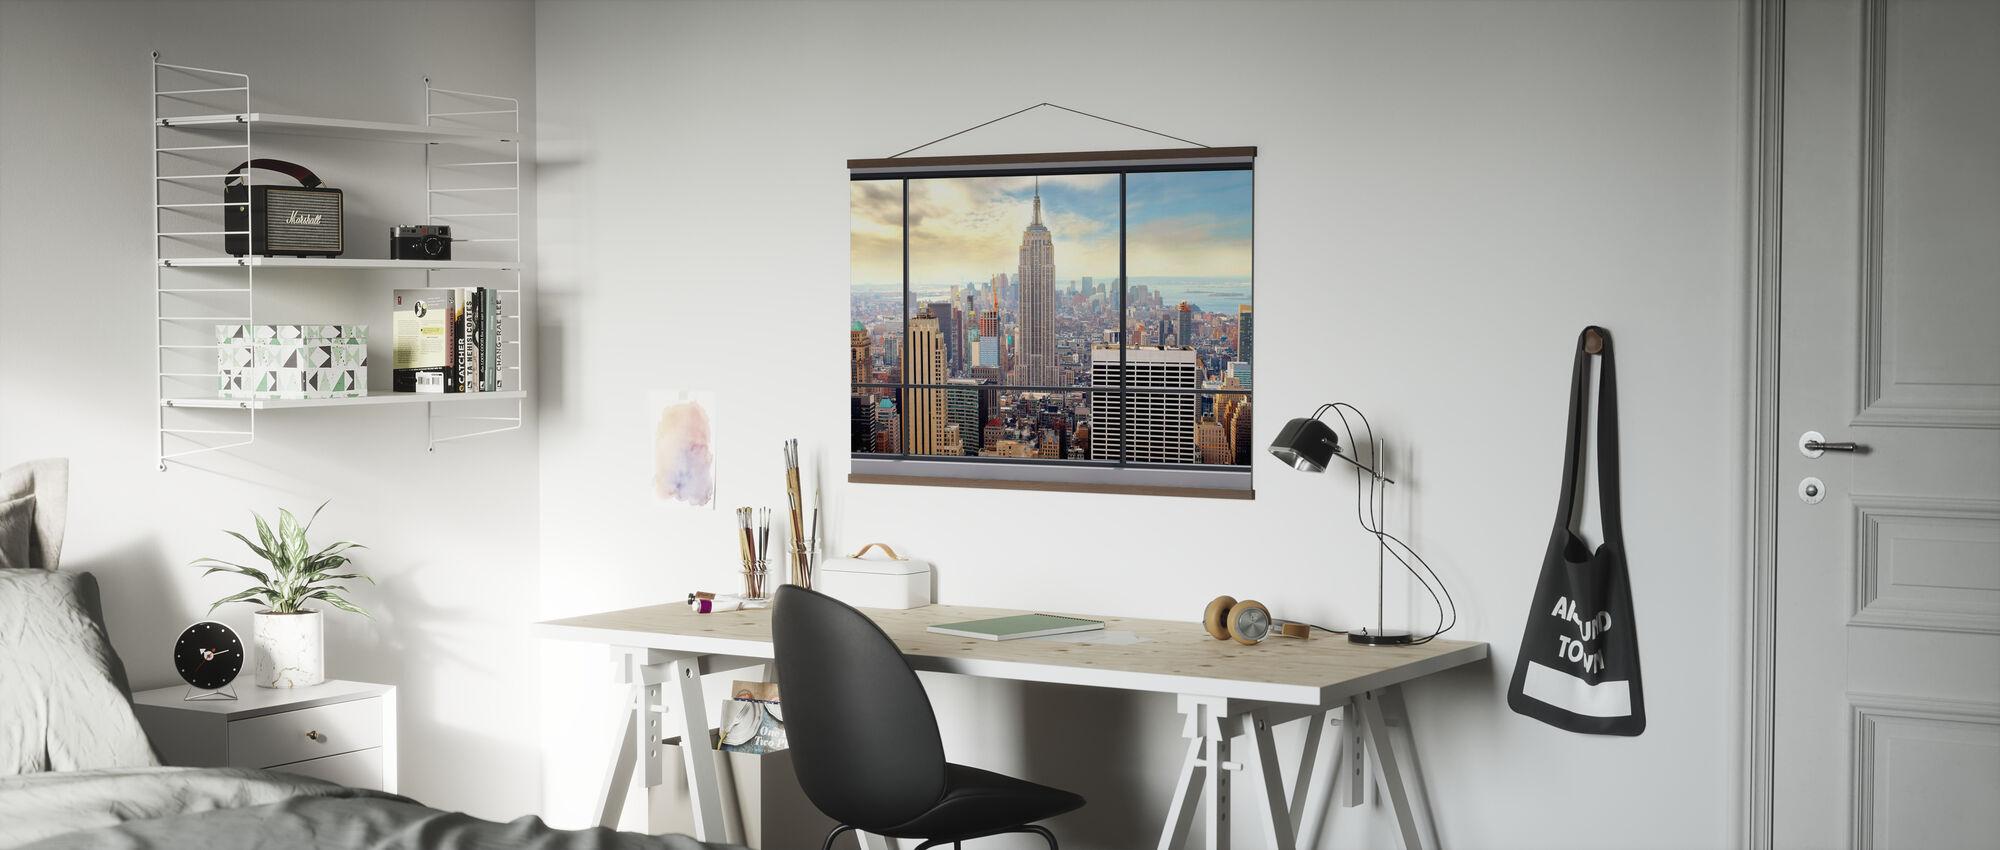 Penthouse med utsikt - Plakat - Kontor